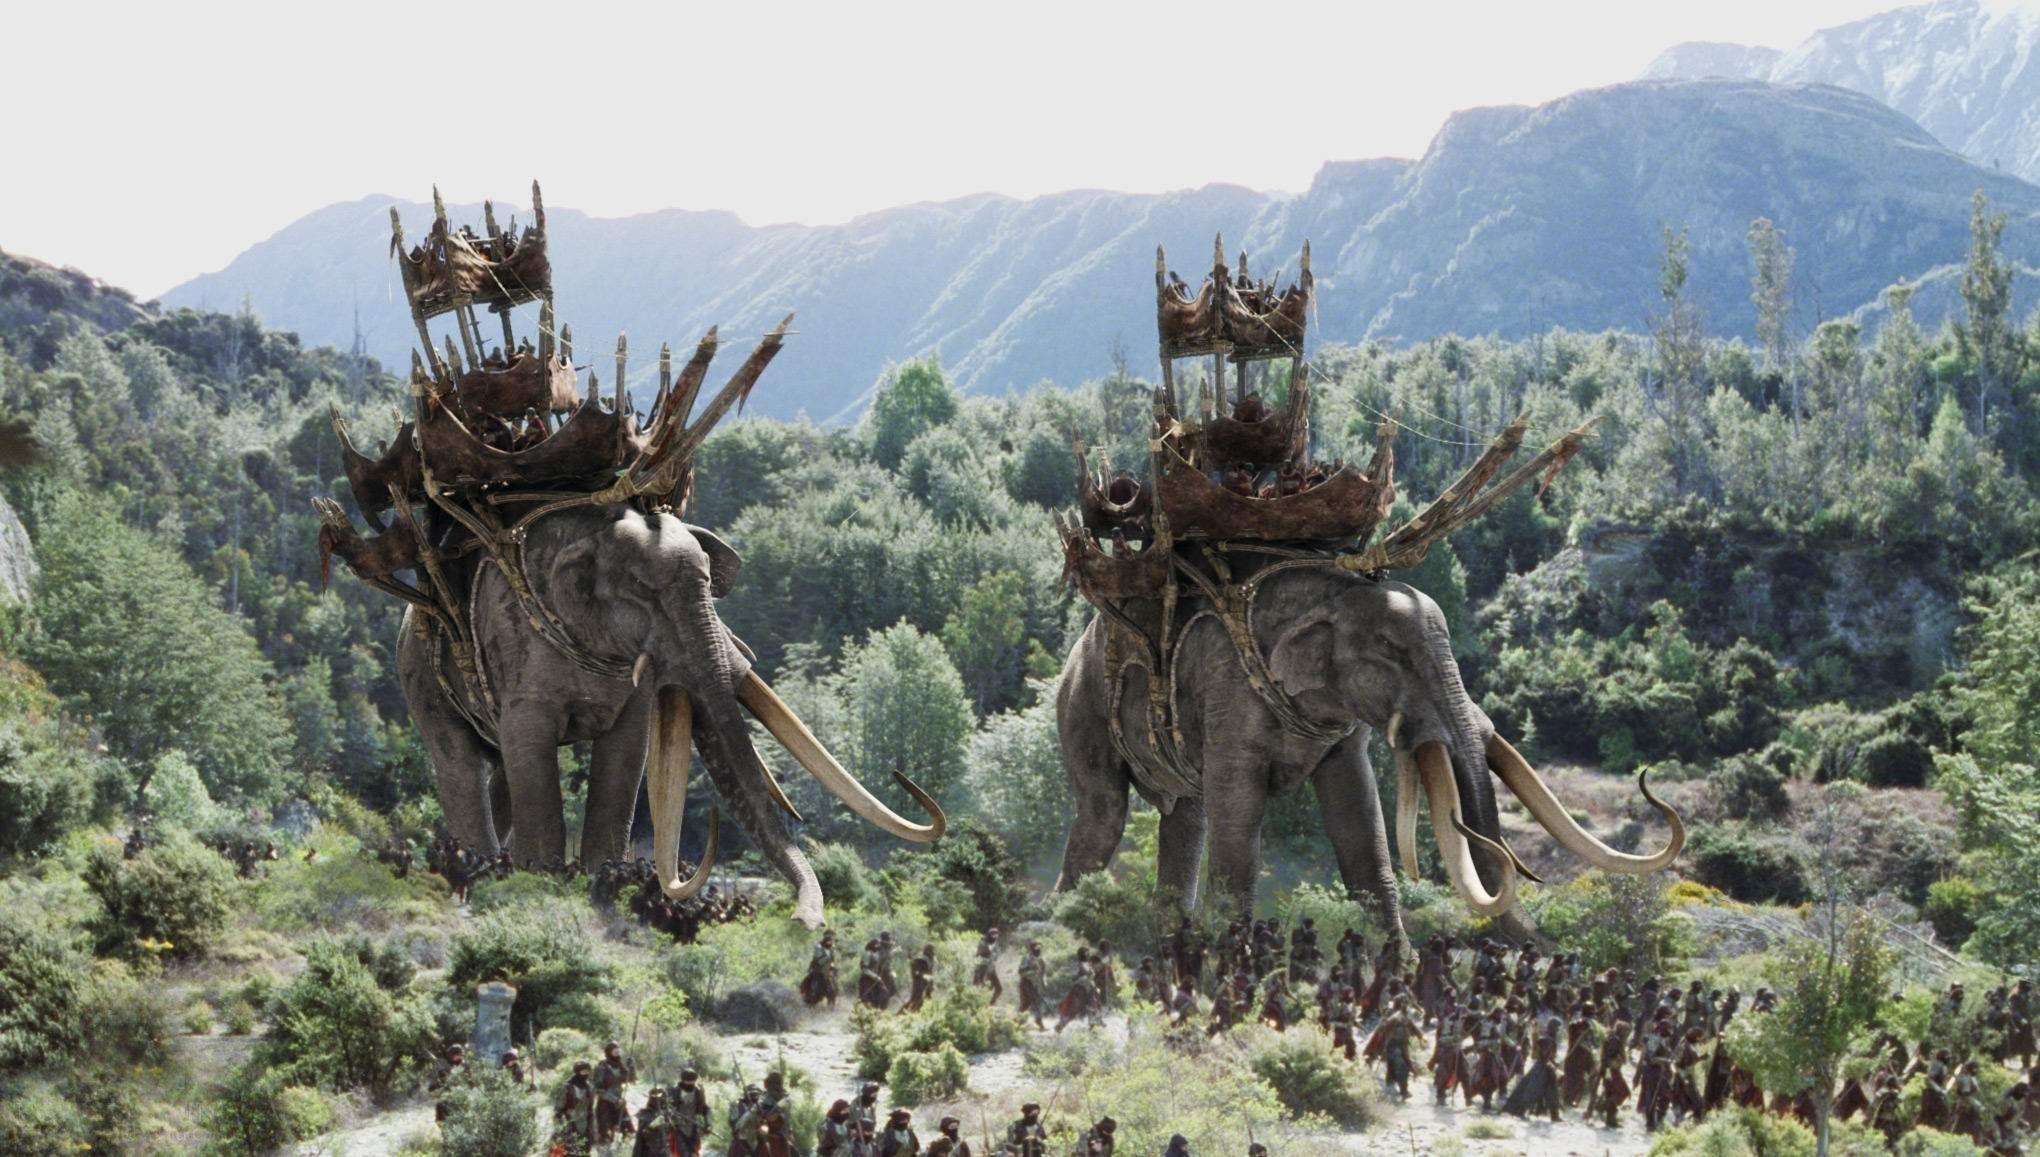 Les oliphants du Seigneur des anneaux - Cultea